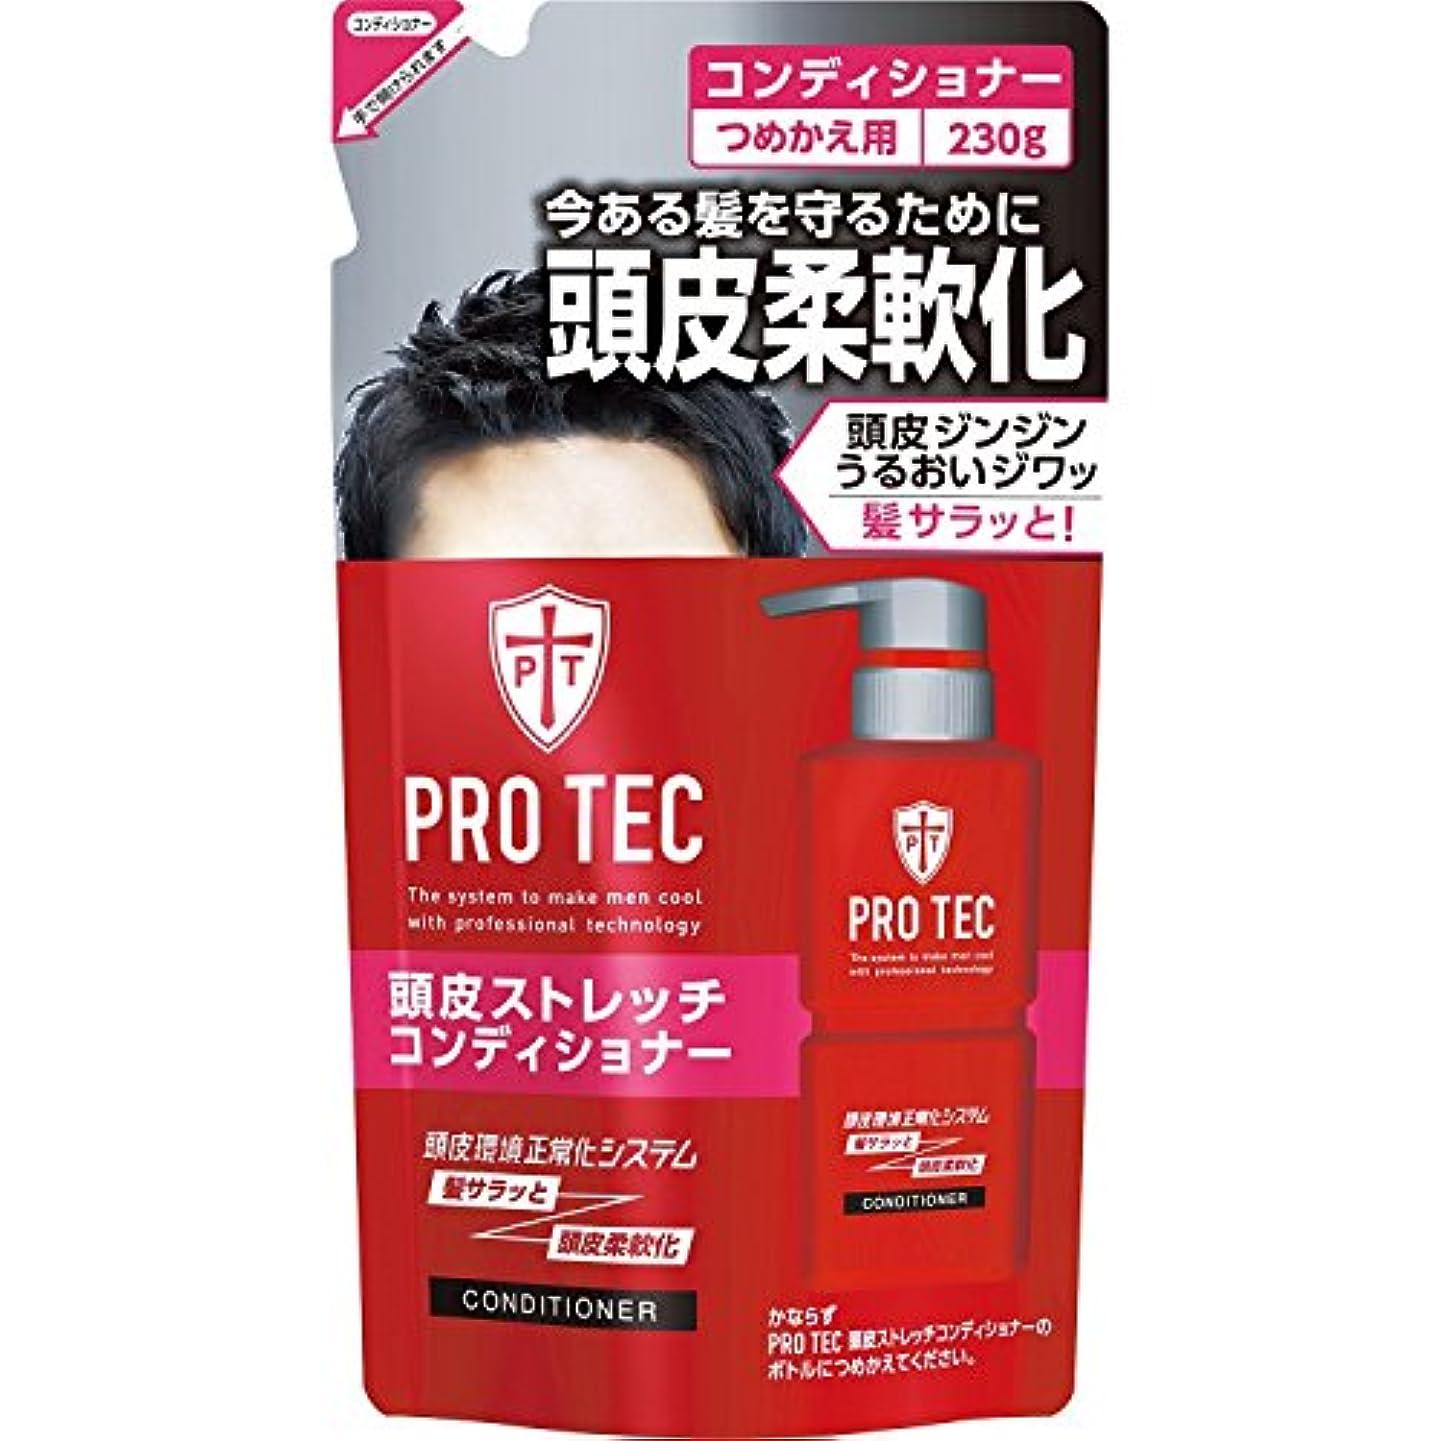 ストロークレーザ金額PRO TEC(プロテク) 頭皮ストレッチコンディショナー つめかえ用 230g ×10個セット